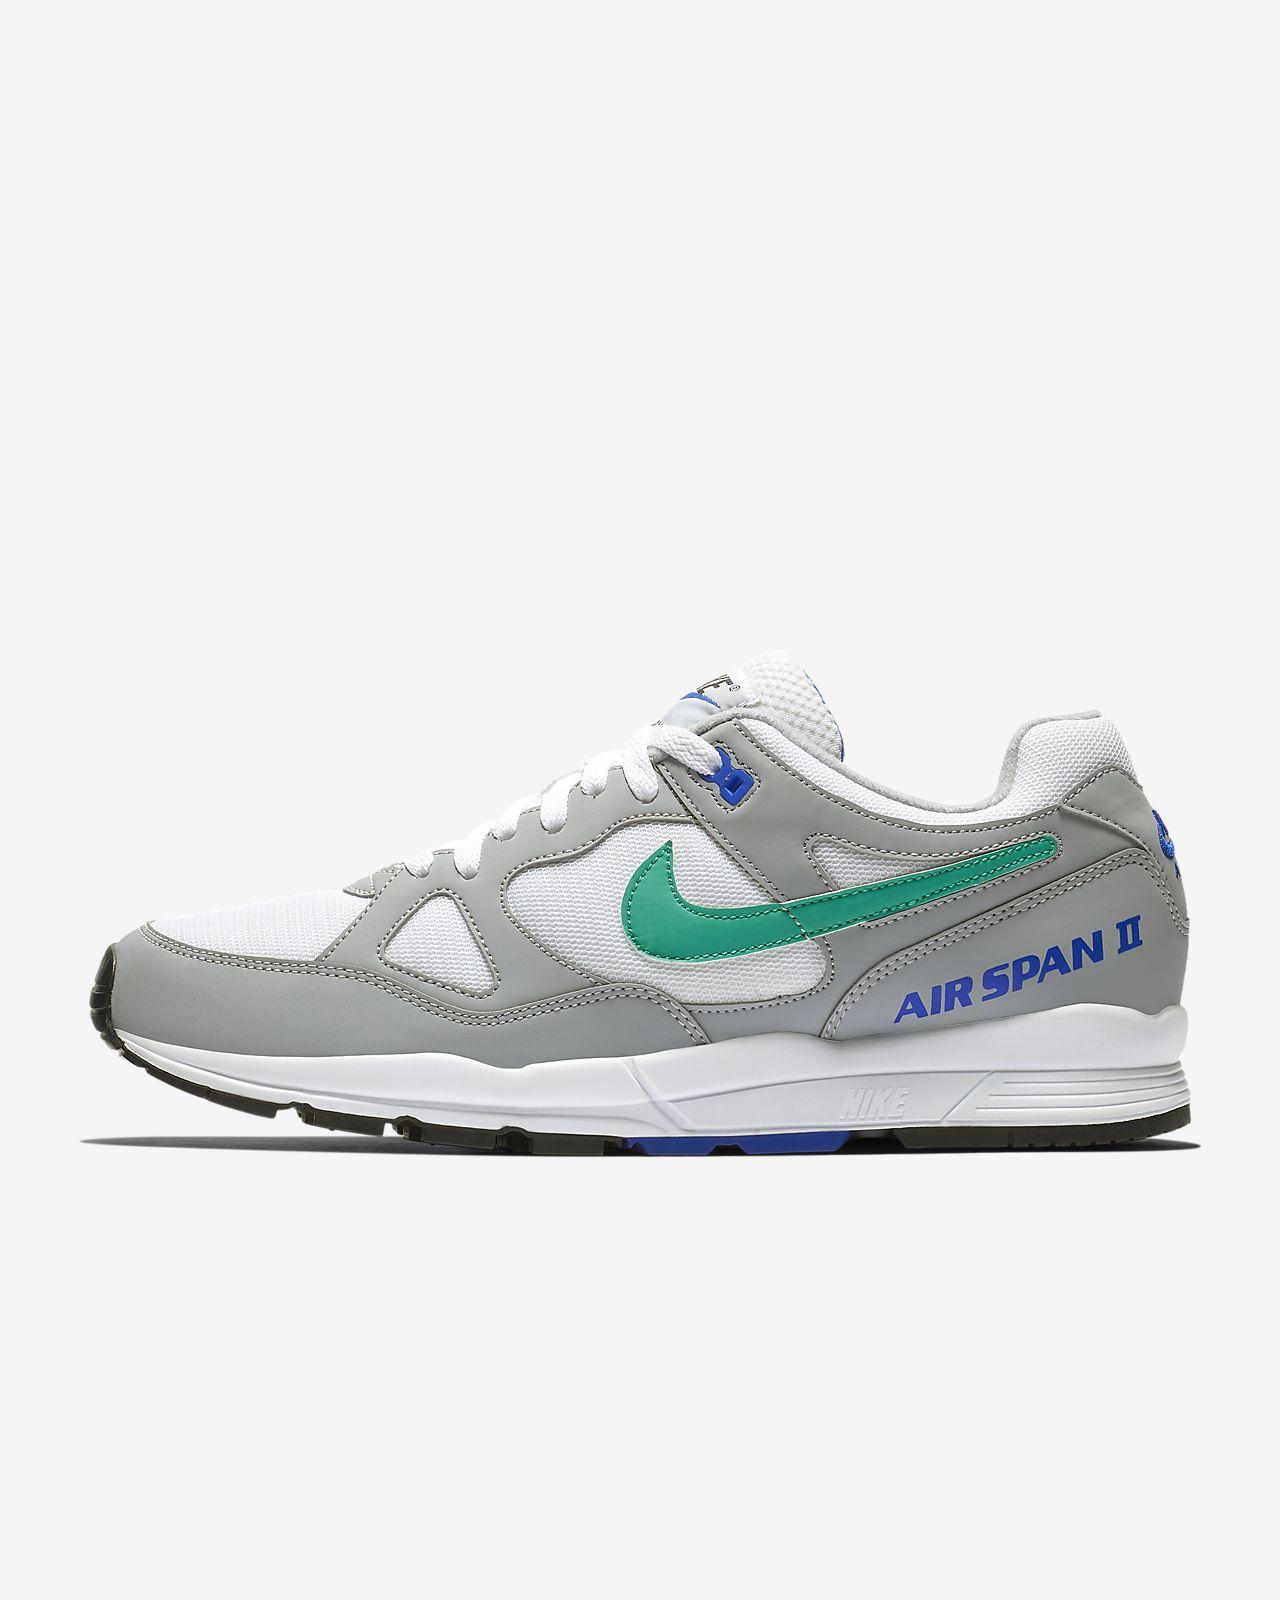 Nike Air Span II Mens Shoe